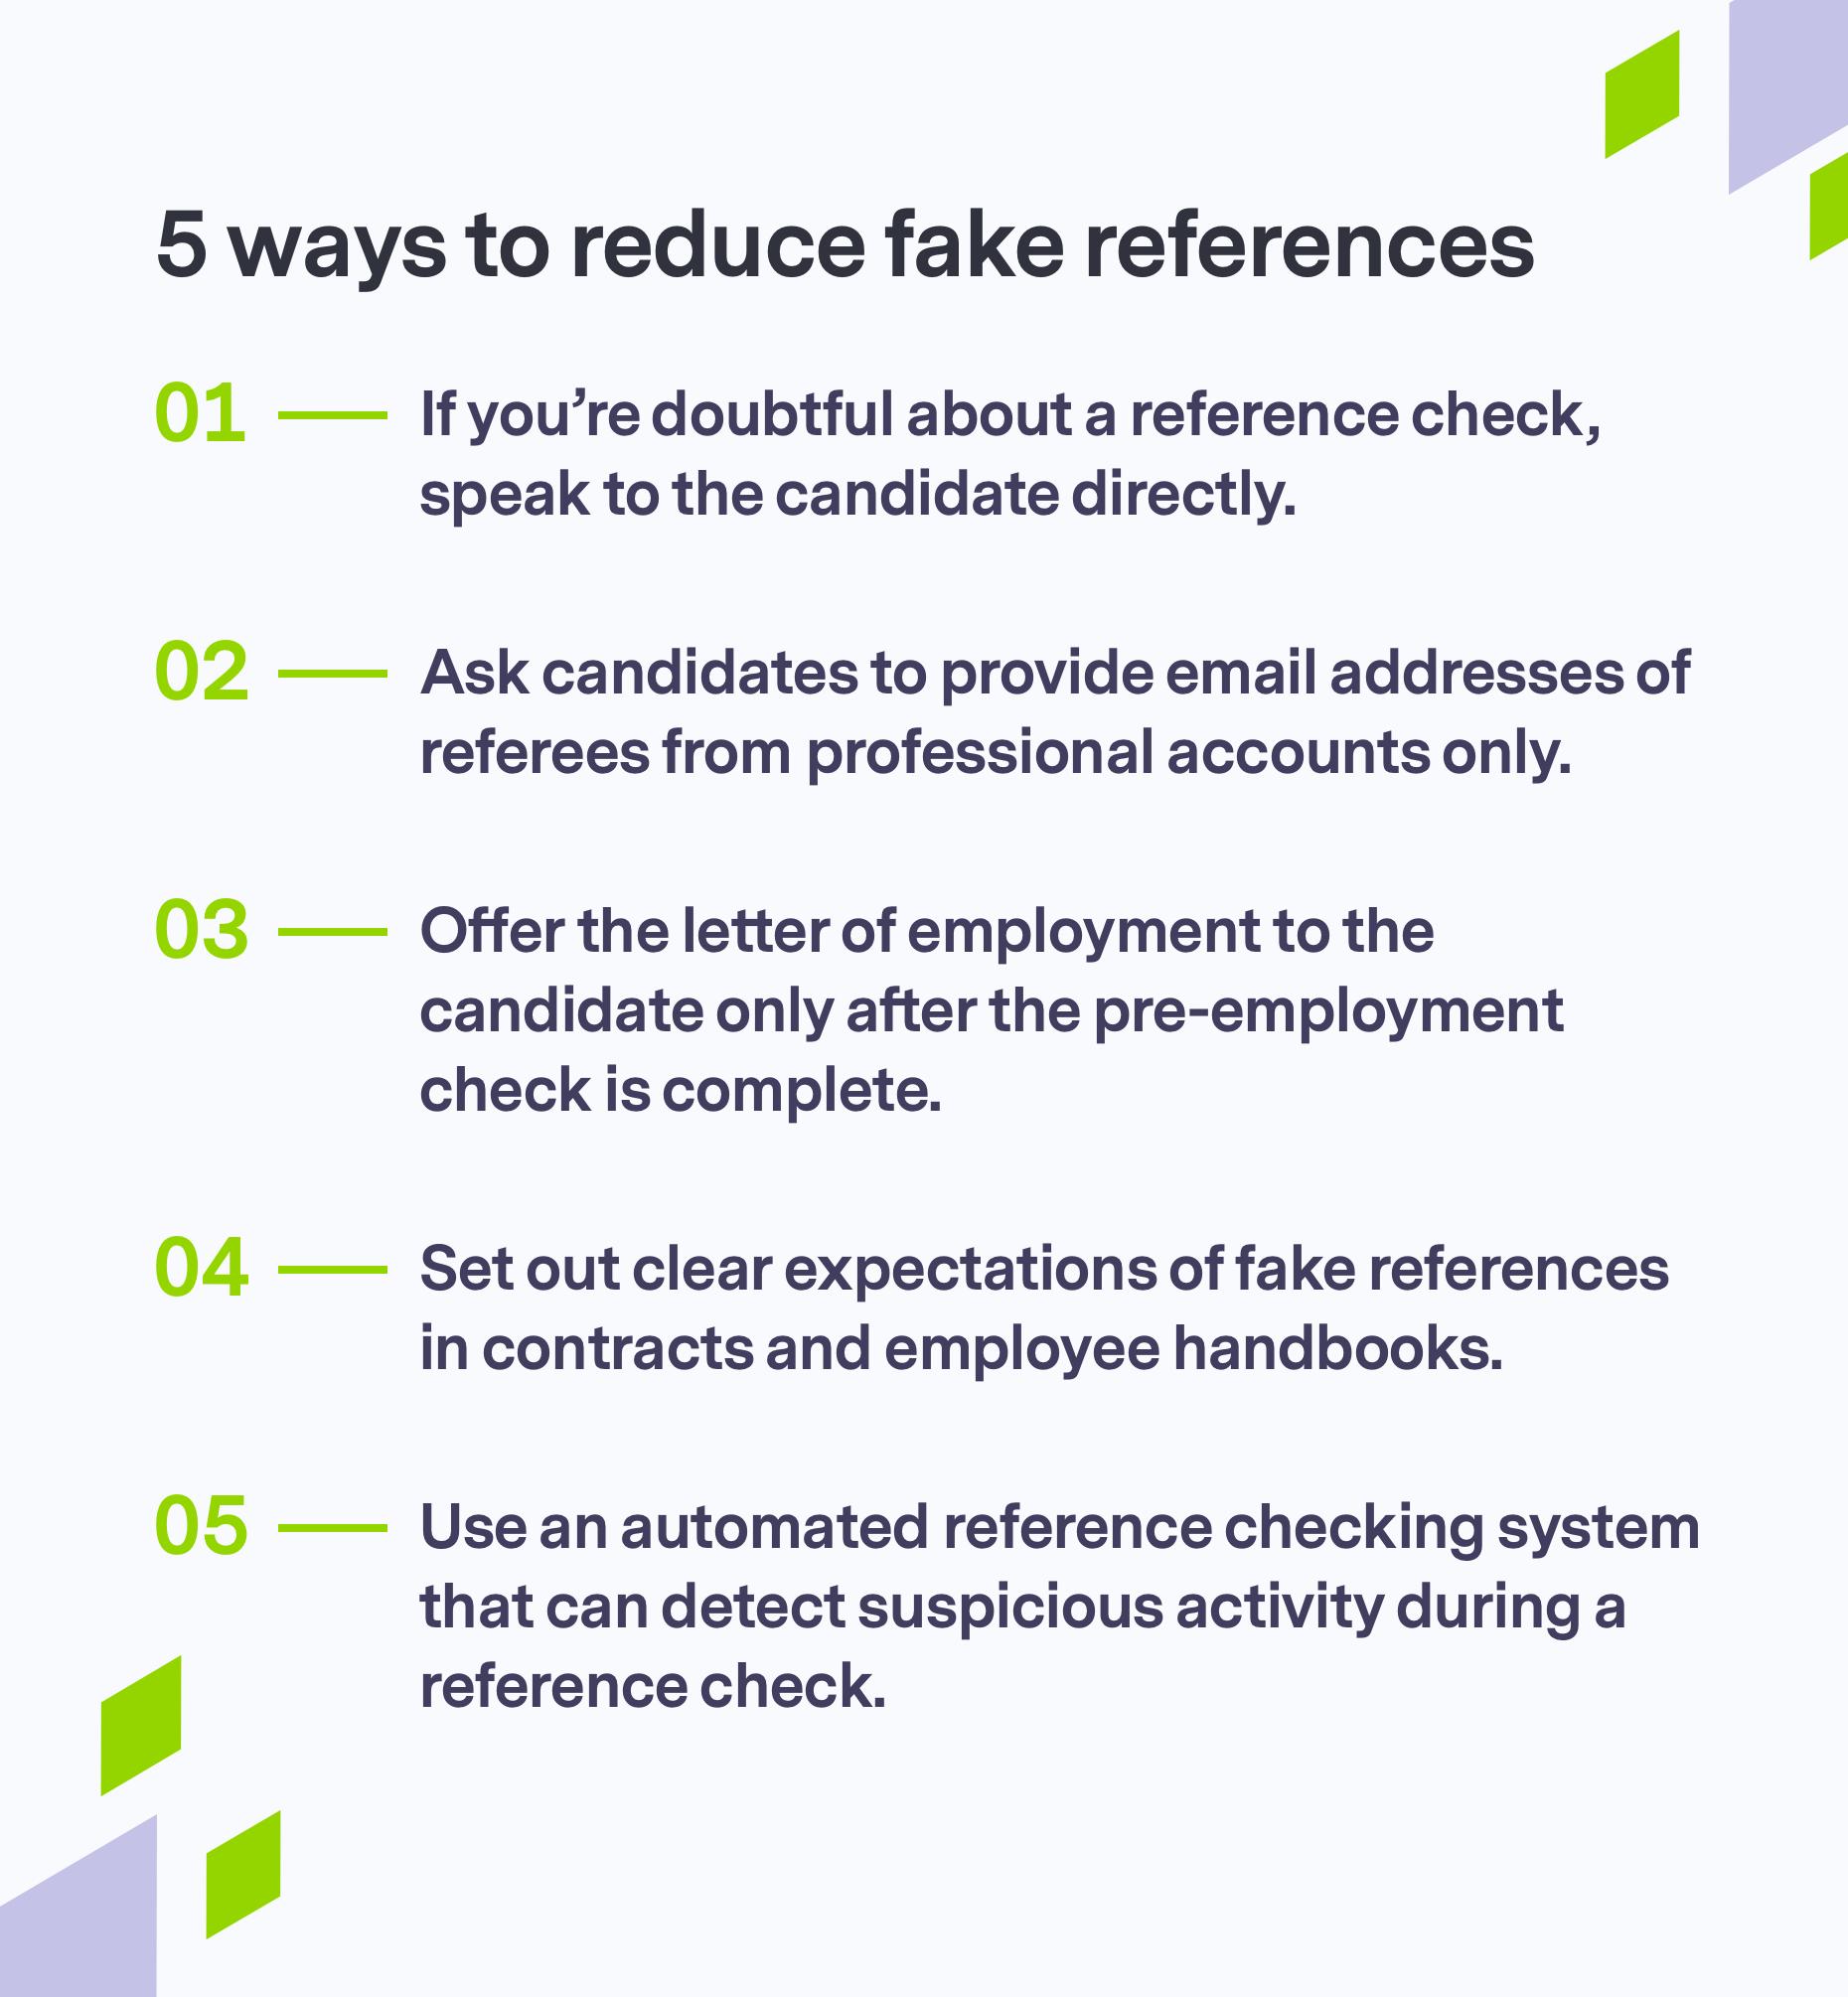 5 ways to reduce fake references